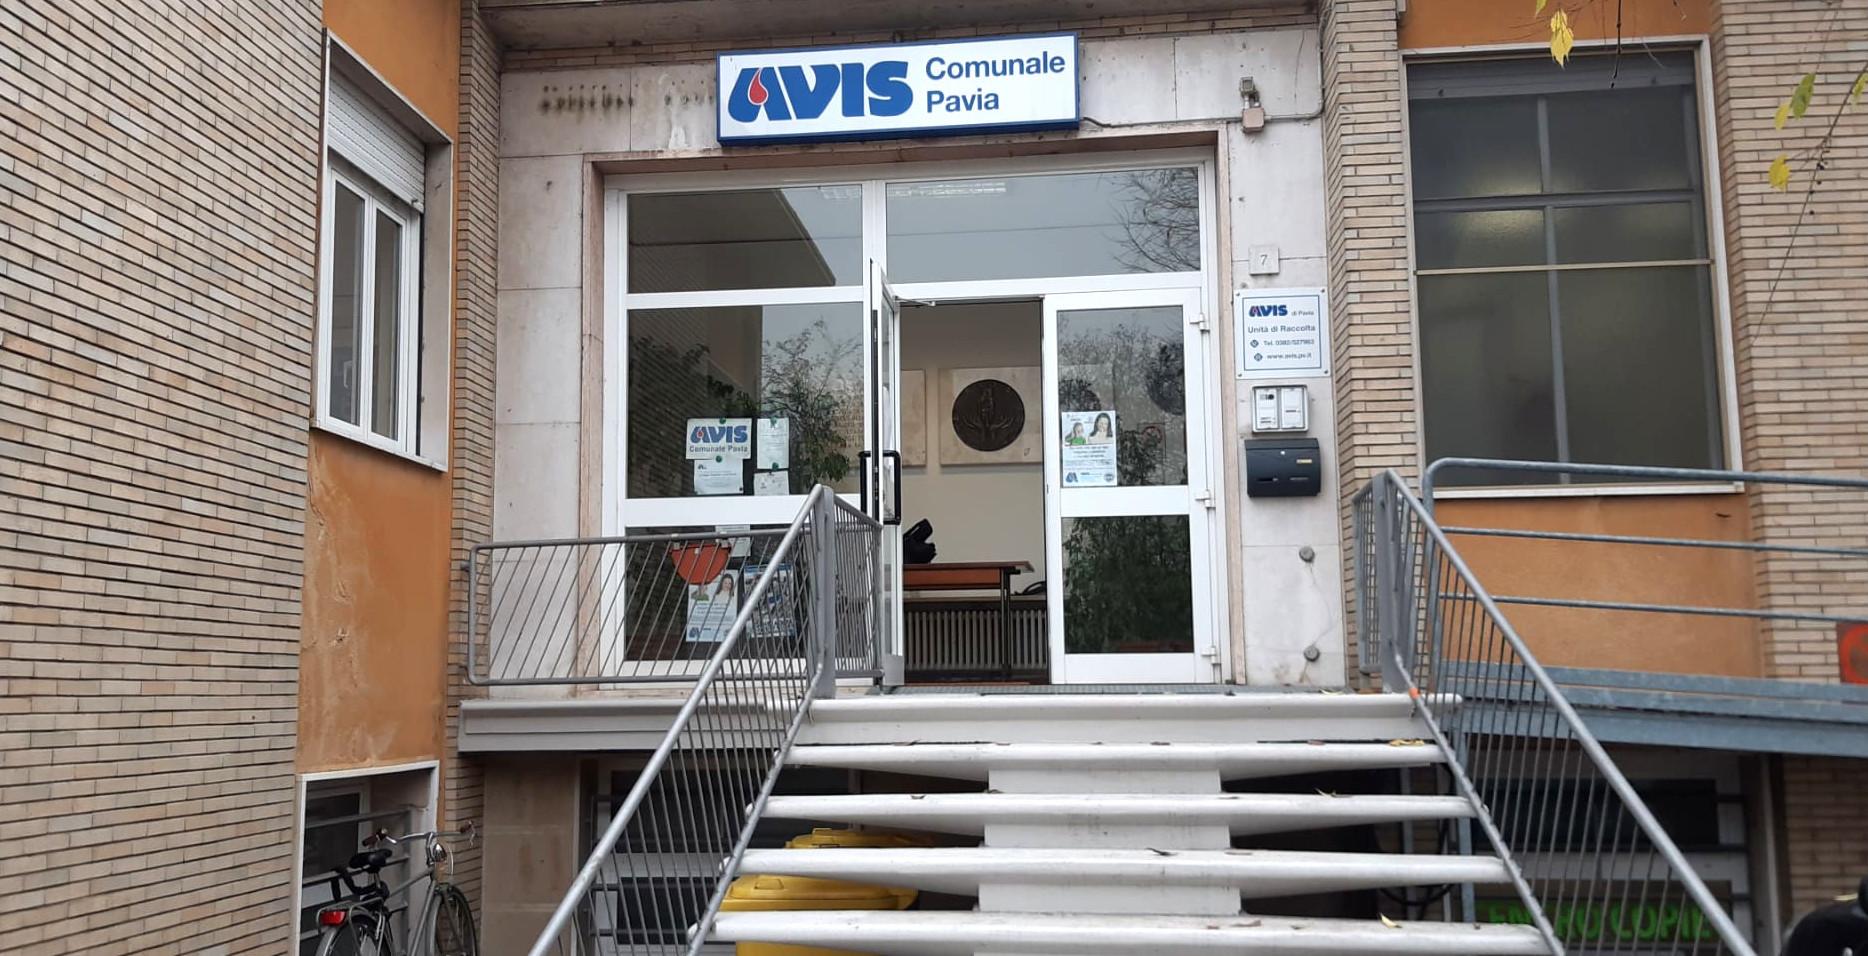 Ingresso della sede di AVIS Pavia